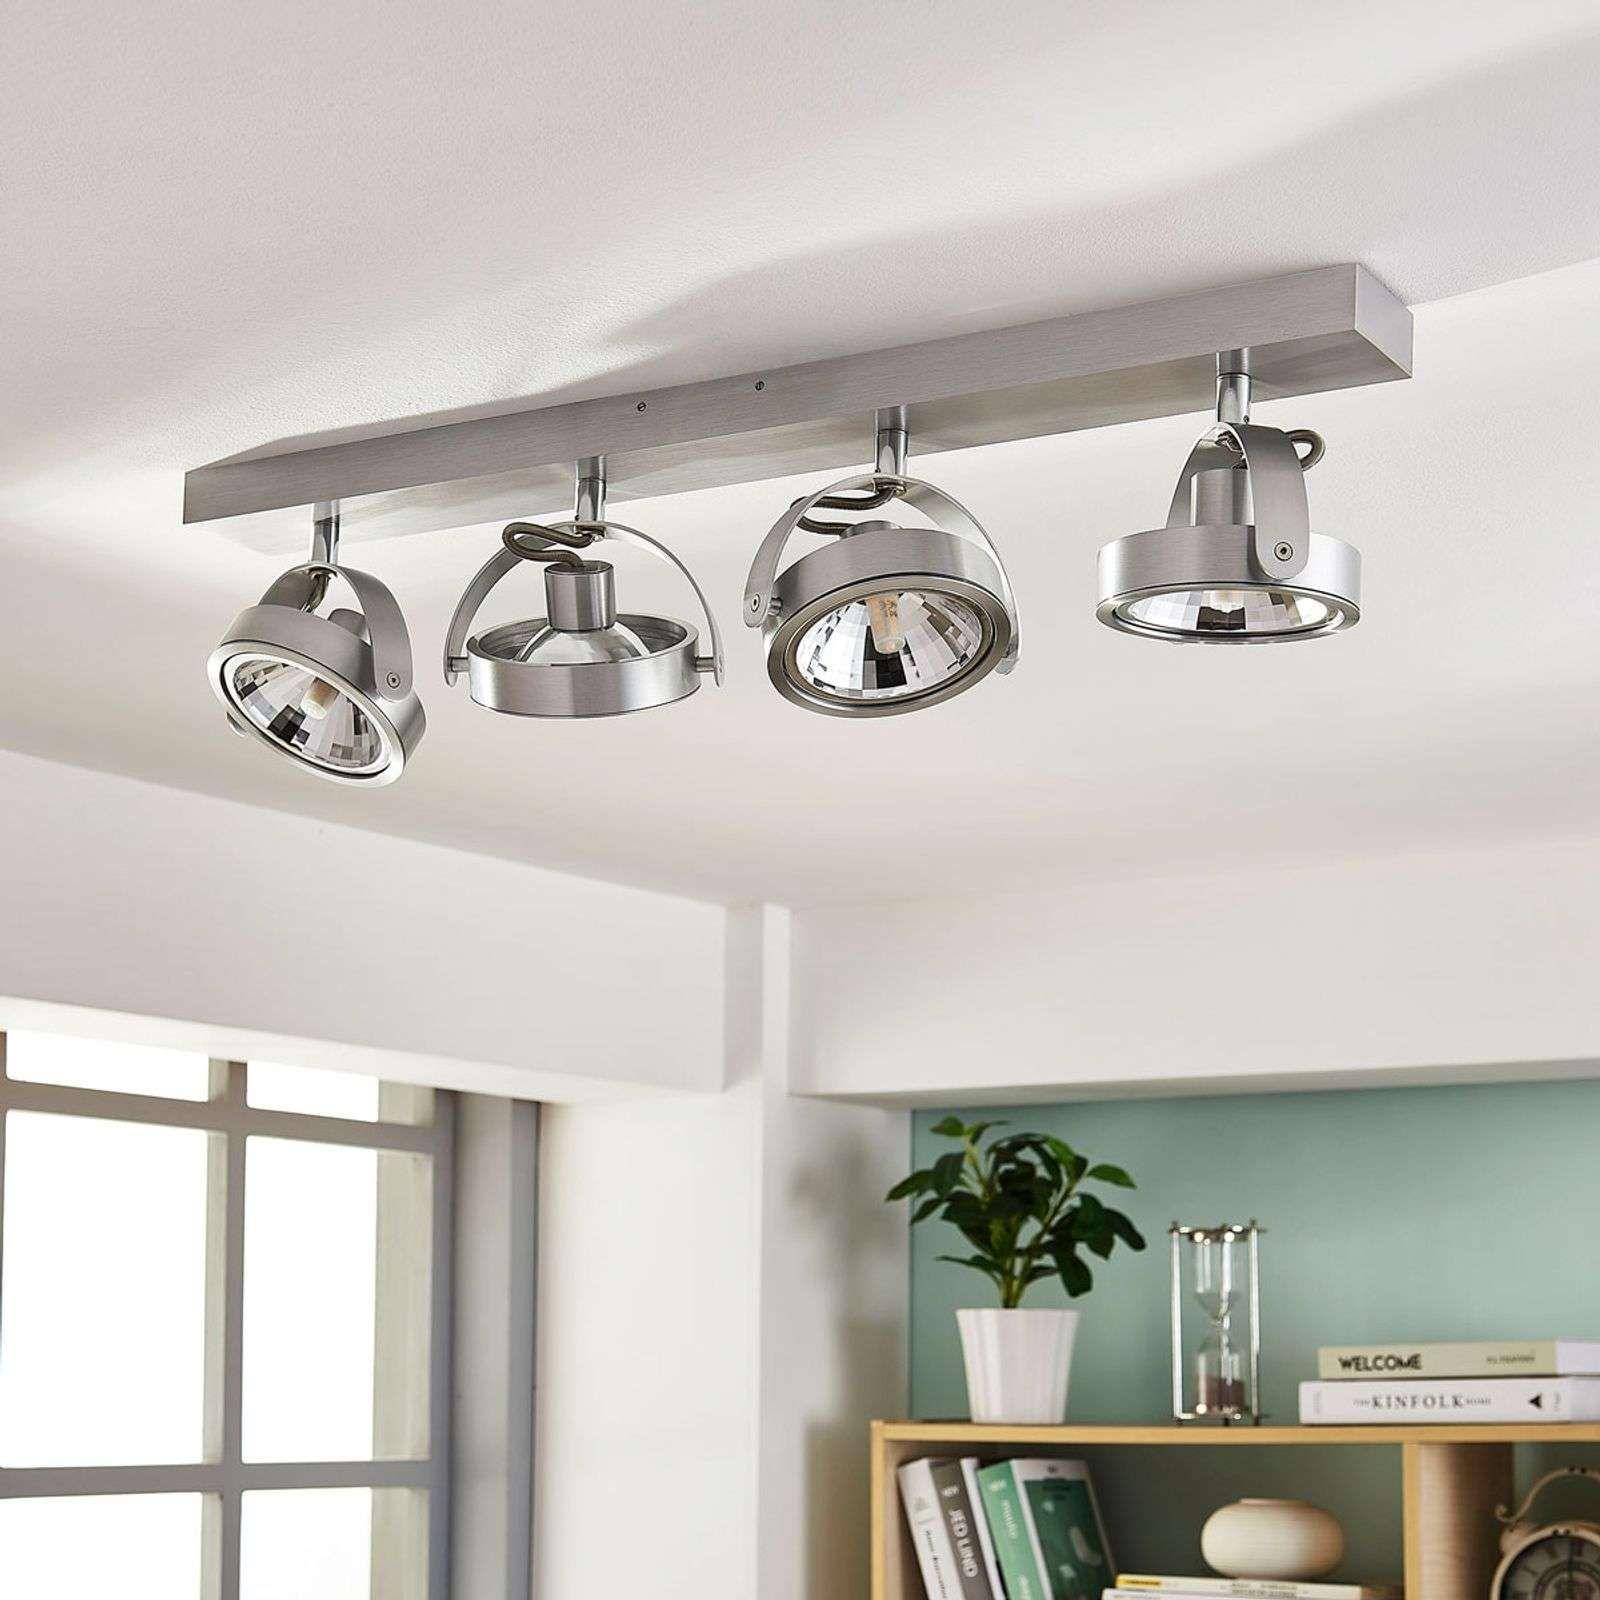 Plafonnier Led A 4 Lampes Lieven Alu En 2020 Plafonnier Led Plafonnier Et Led